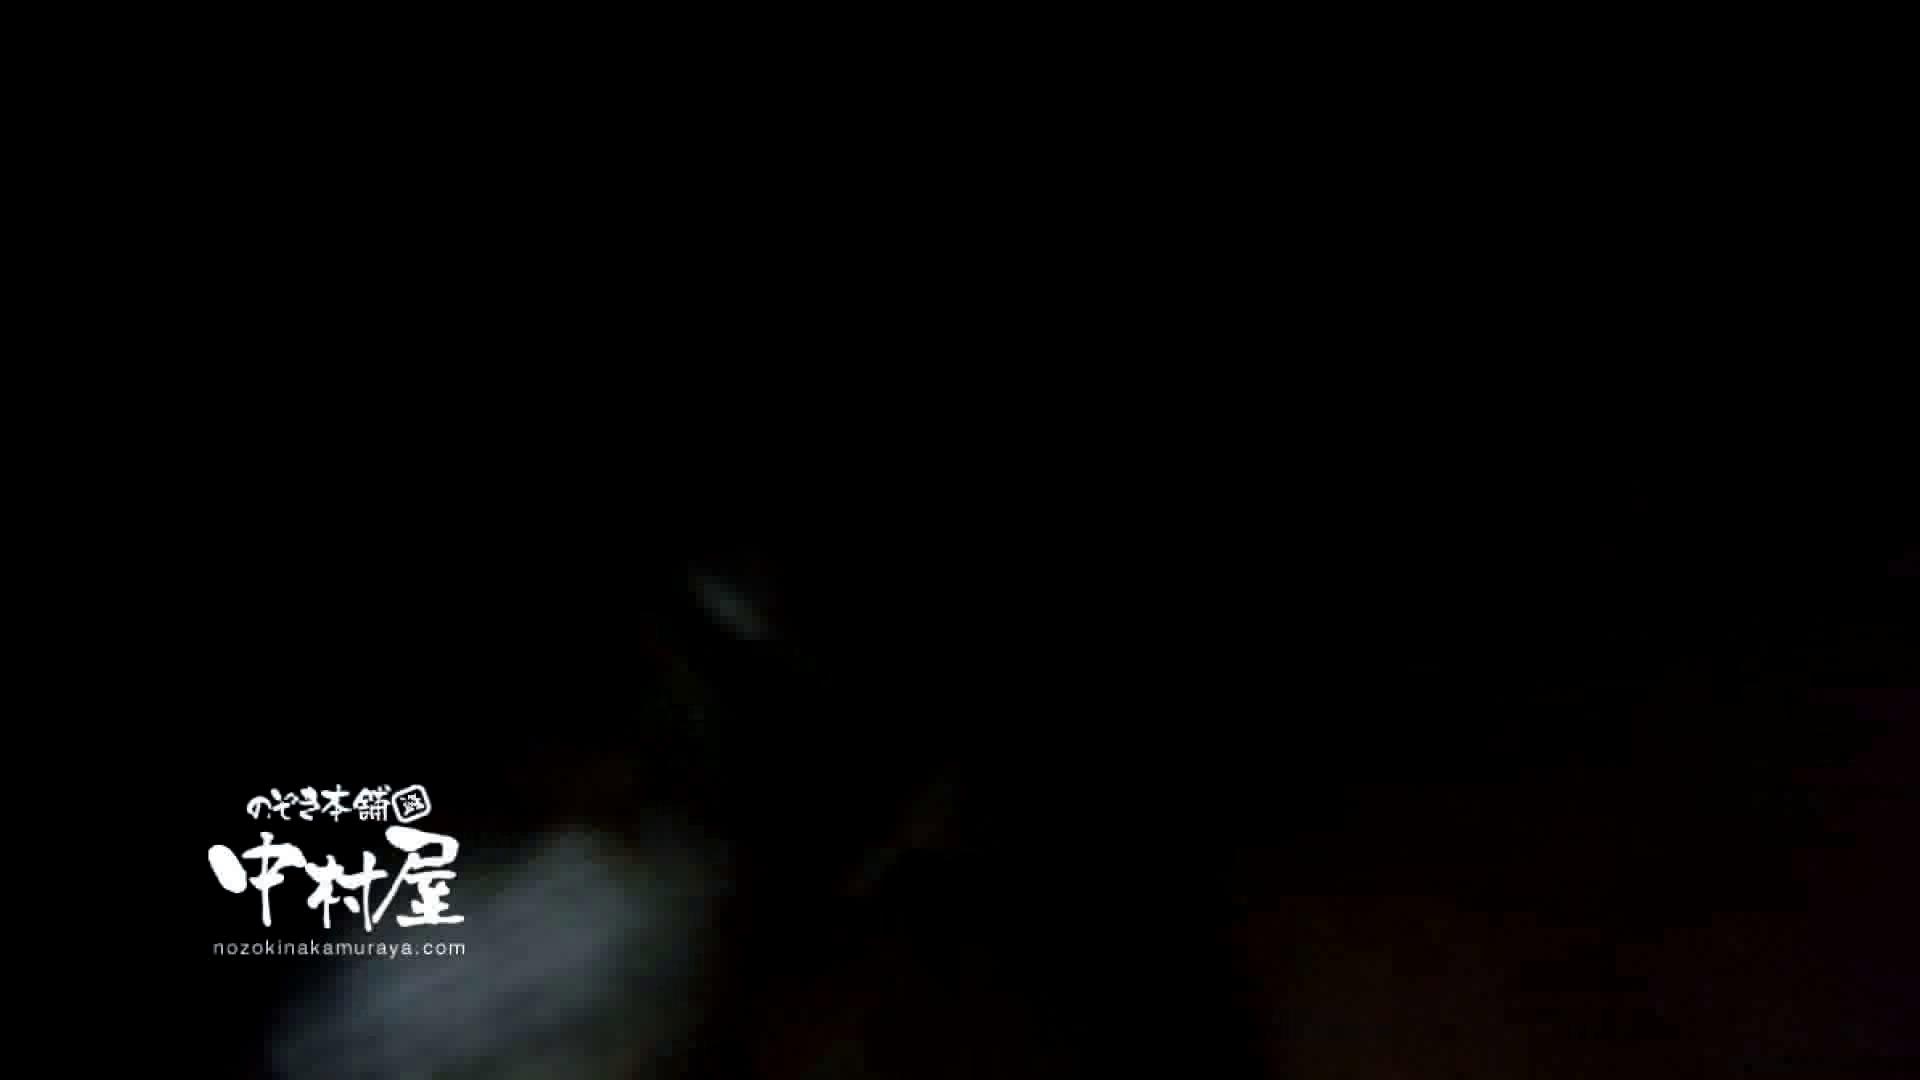 鬼畜 vol.16 実はマンざらでもない柔らかおっぱいちゃん 前編 OLのエロ生活 SEX無修正画像 66連発 2